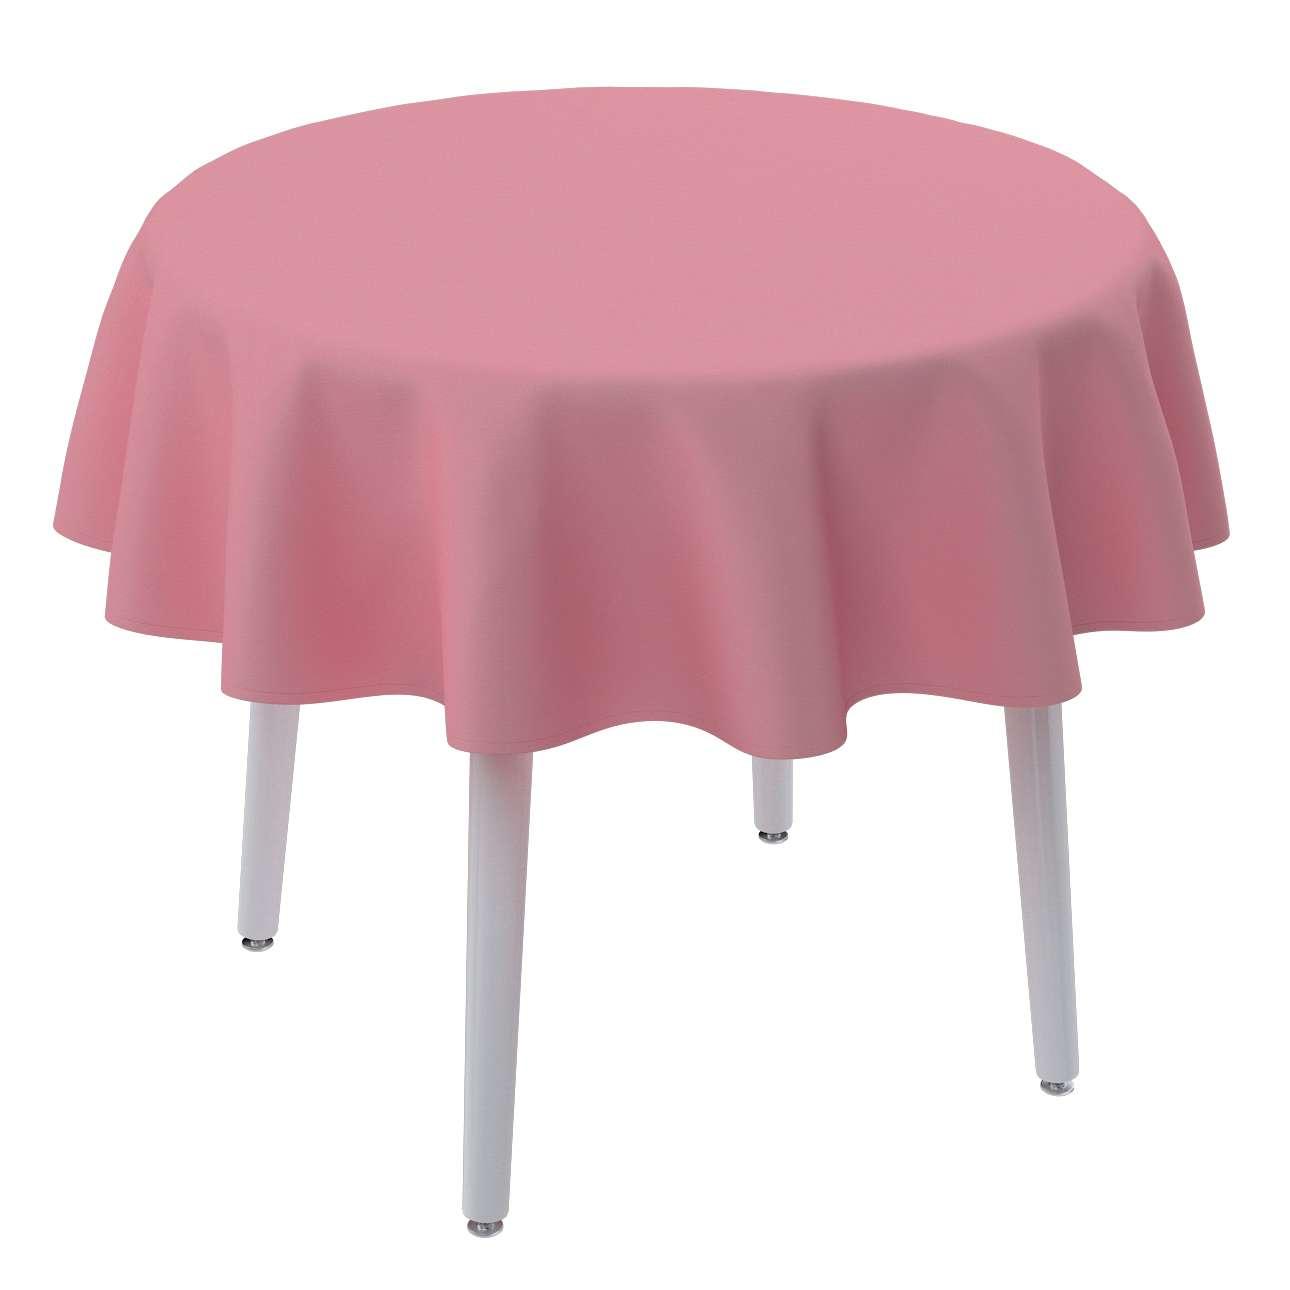 Runde Tischdecke von der Kollektion Loneta, Stoff: 133-62